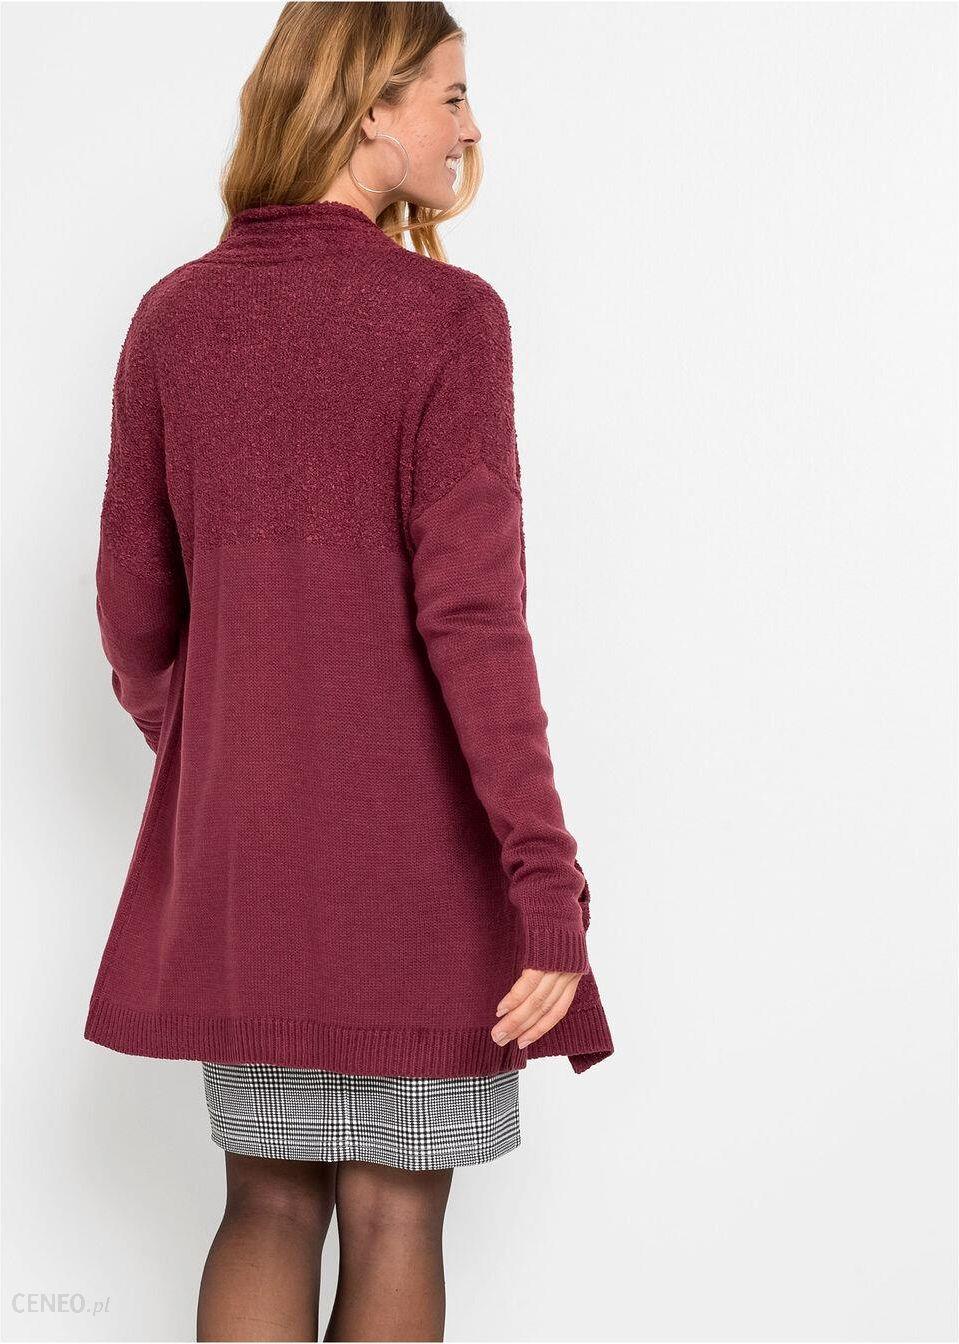 bonprix Sweter bez zapięcia z kieszeniami, długi rękaw